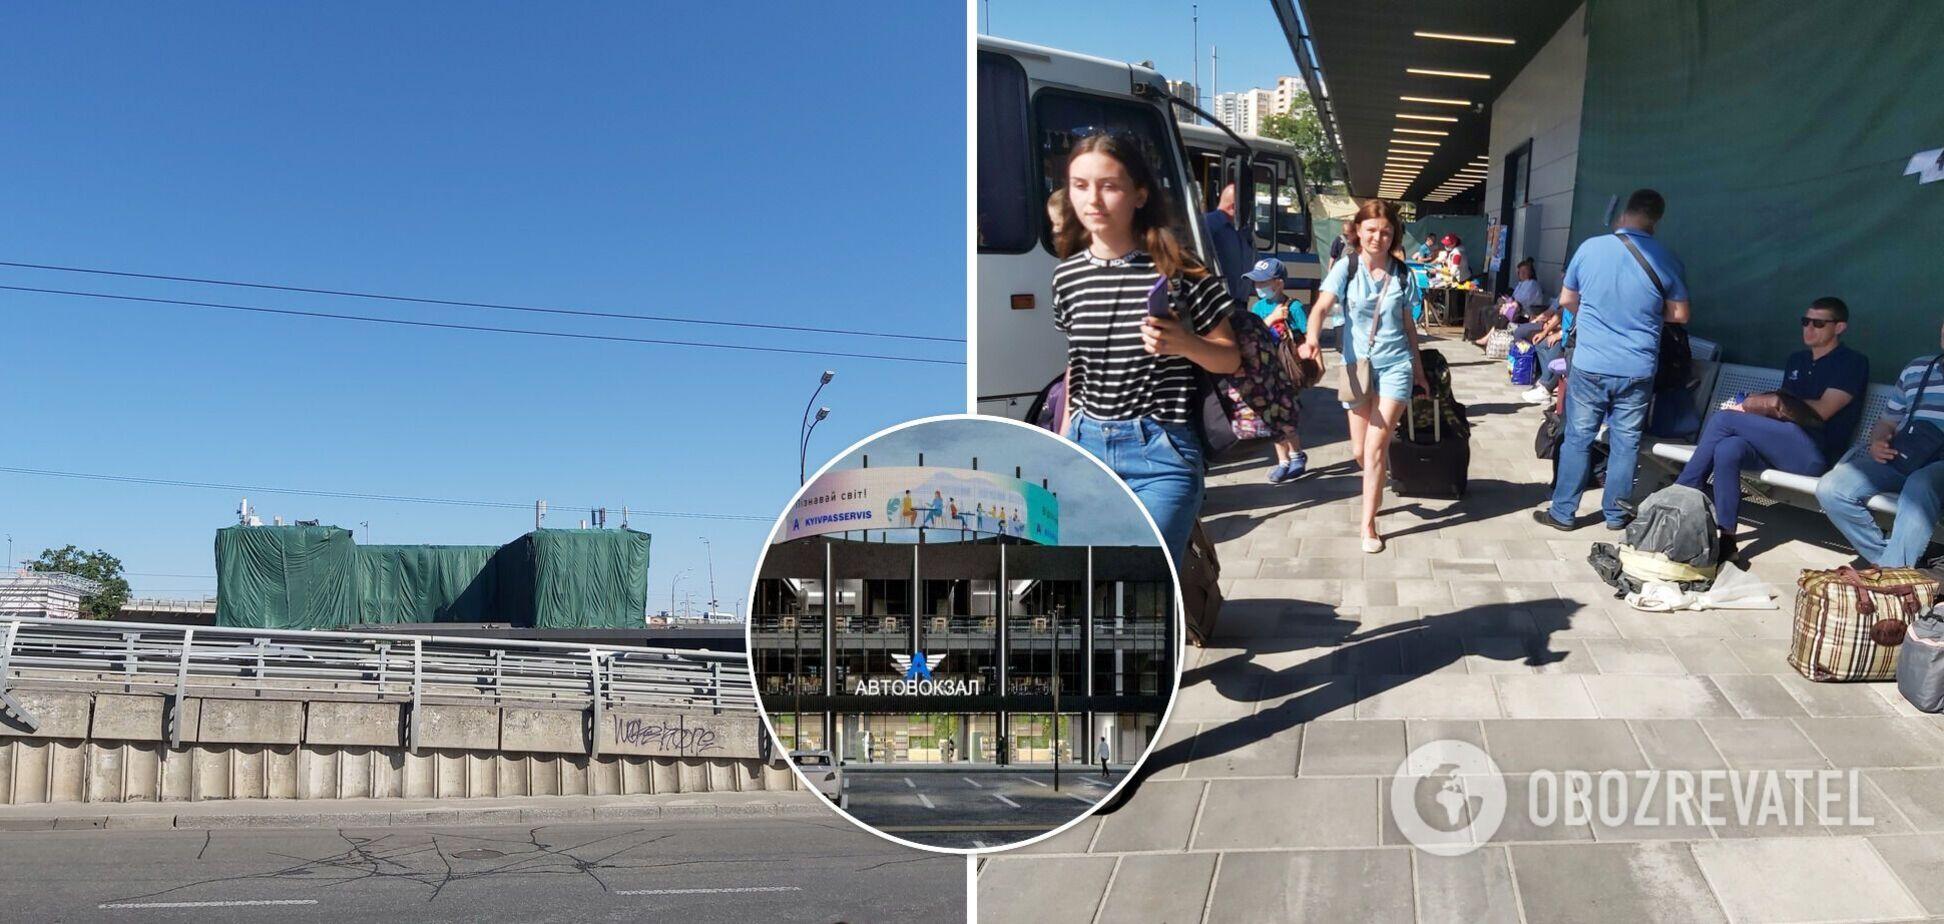 Як проходить реконструкція Центрального автовокзалу в Києві. Фоторепортаж